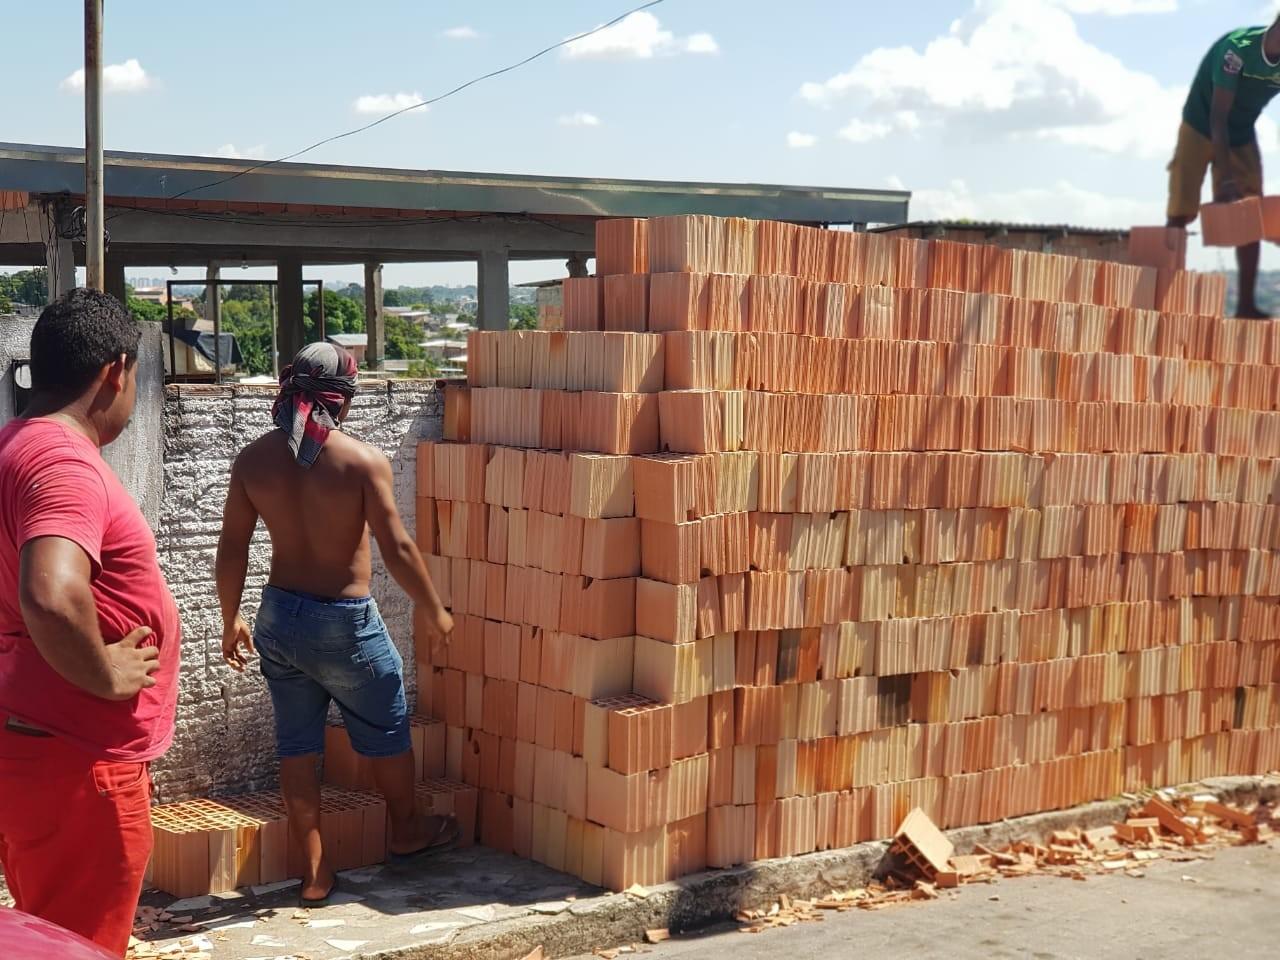 Dupla é presa suspeita de integrar quadrilha que aplicava golpes em venda de tijolos, em Manaus